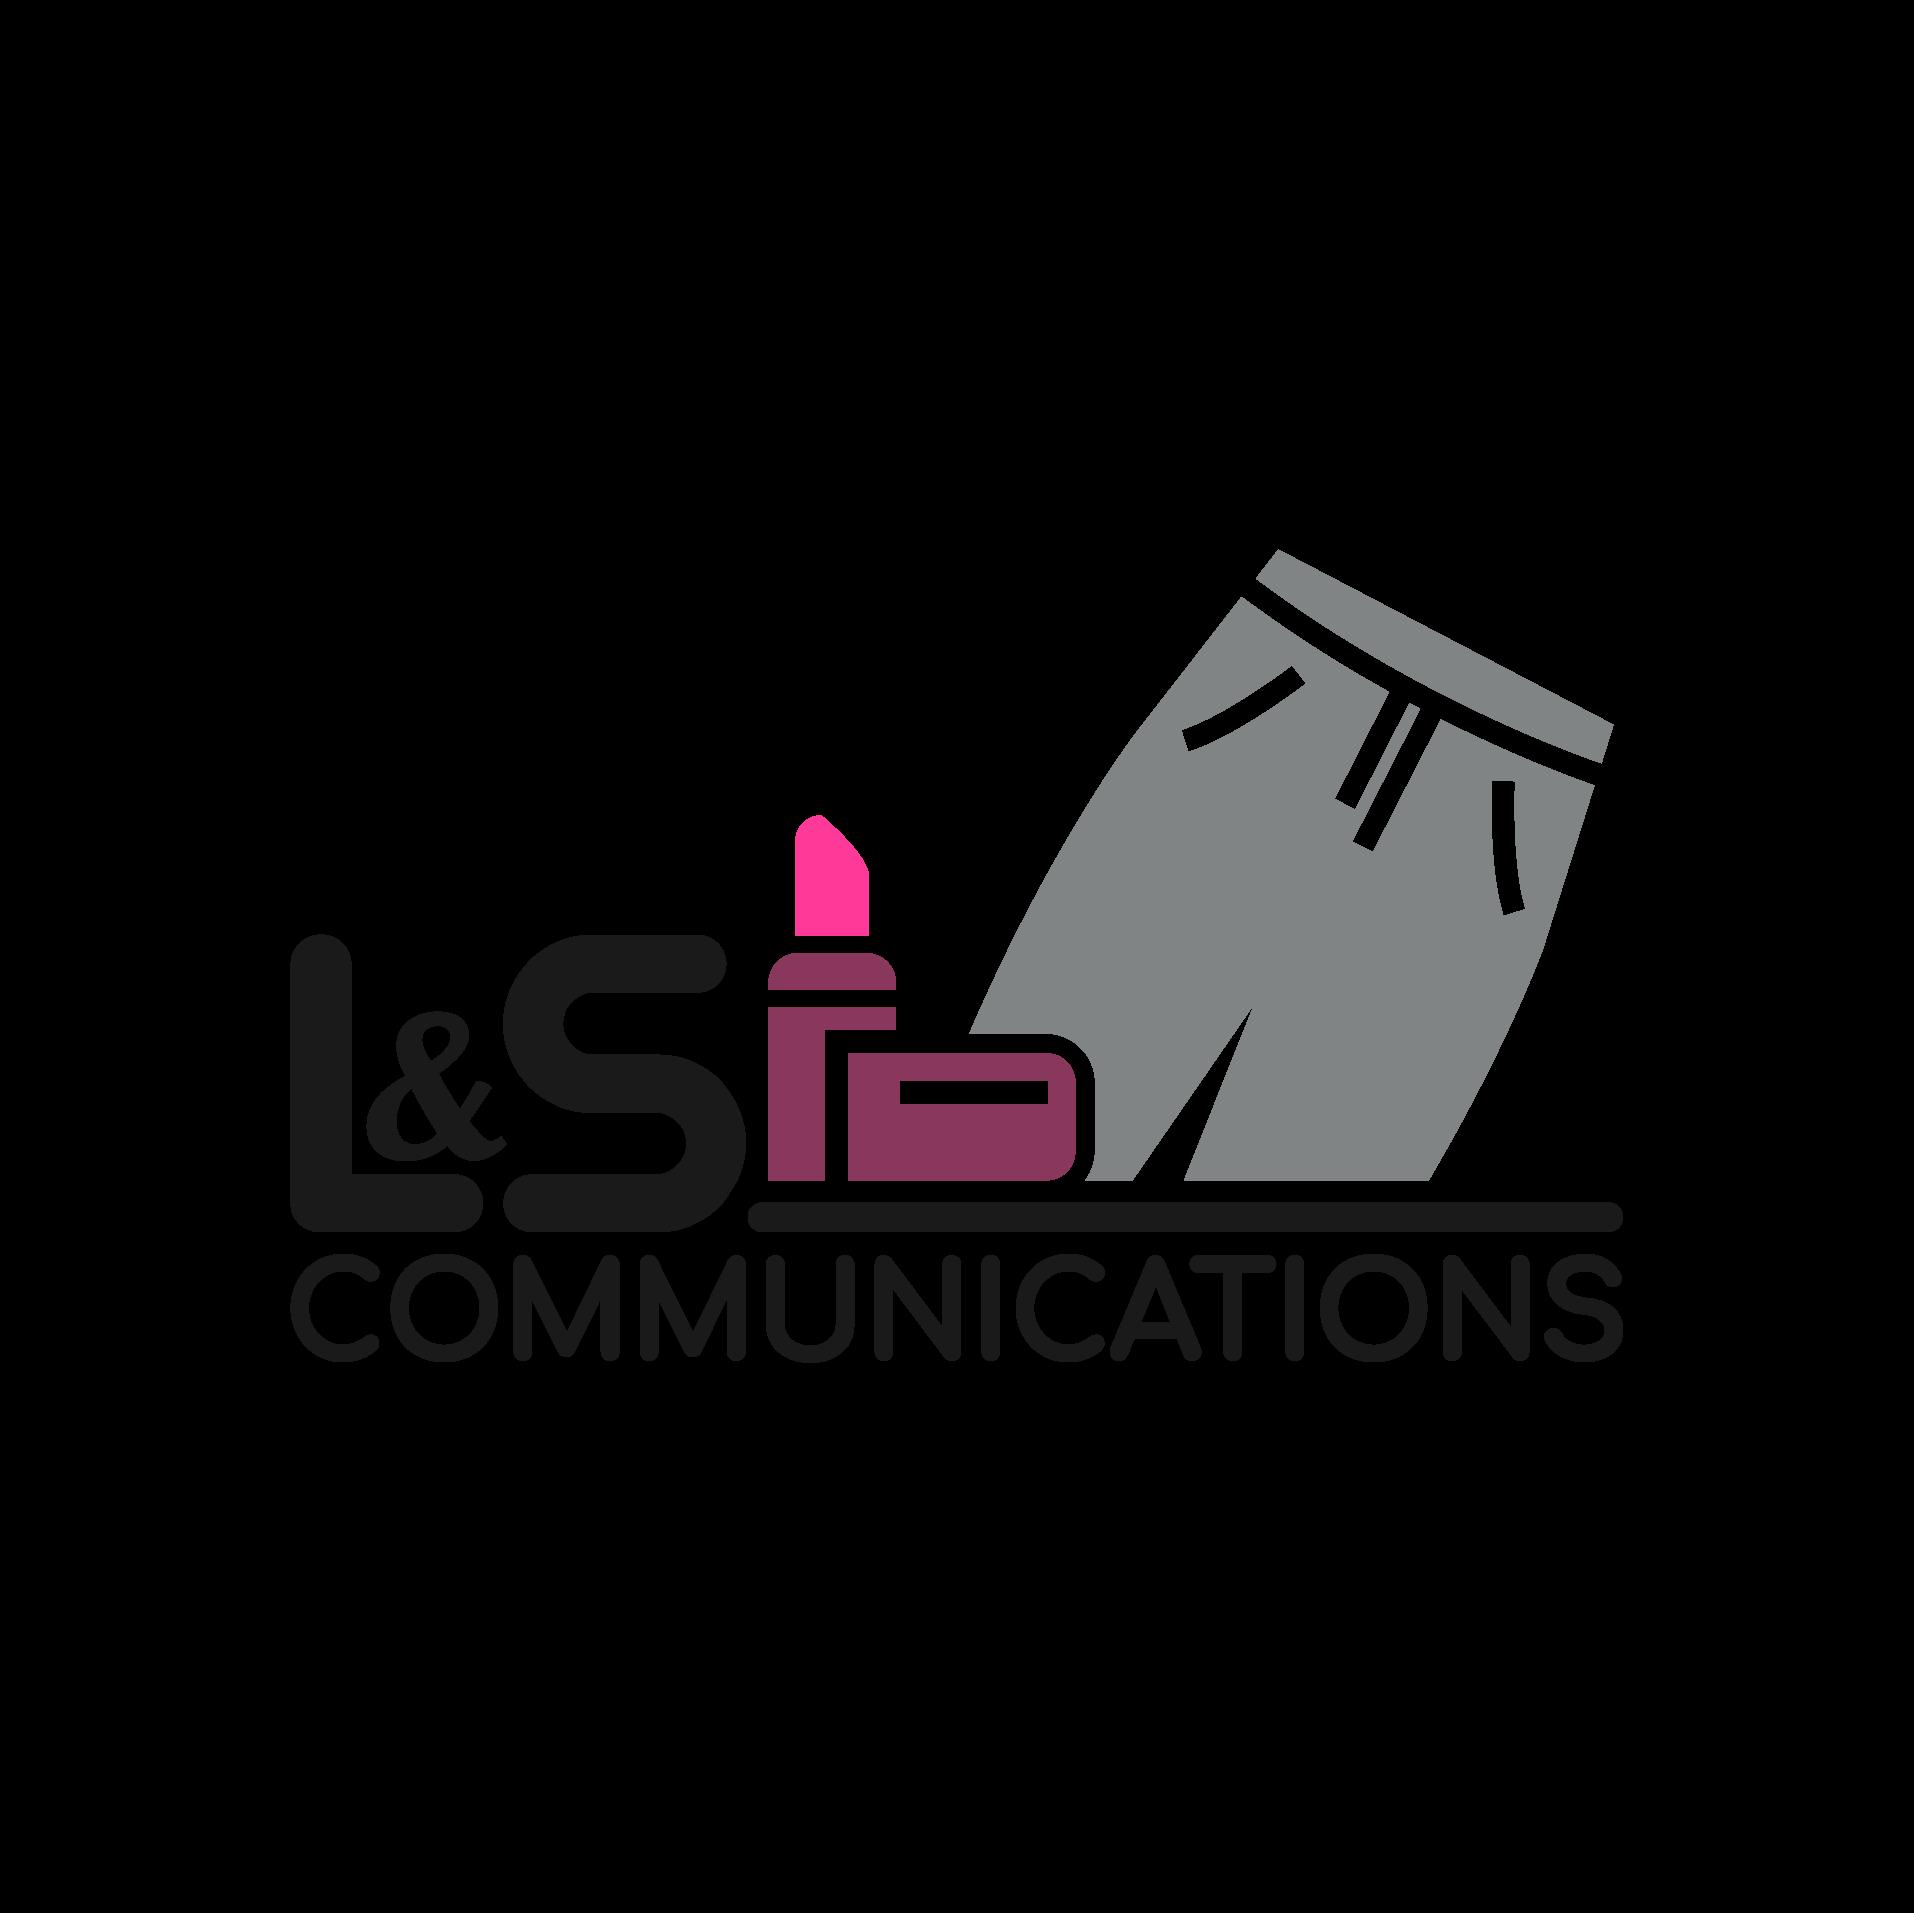 L_S Communications HR-01.png